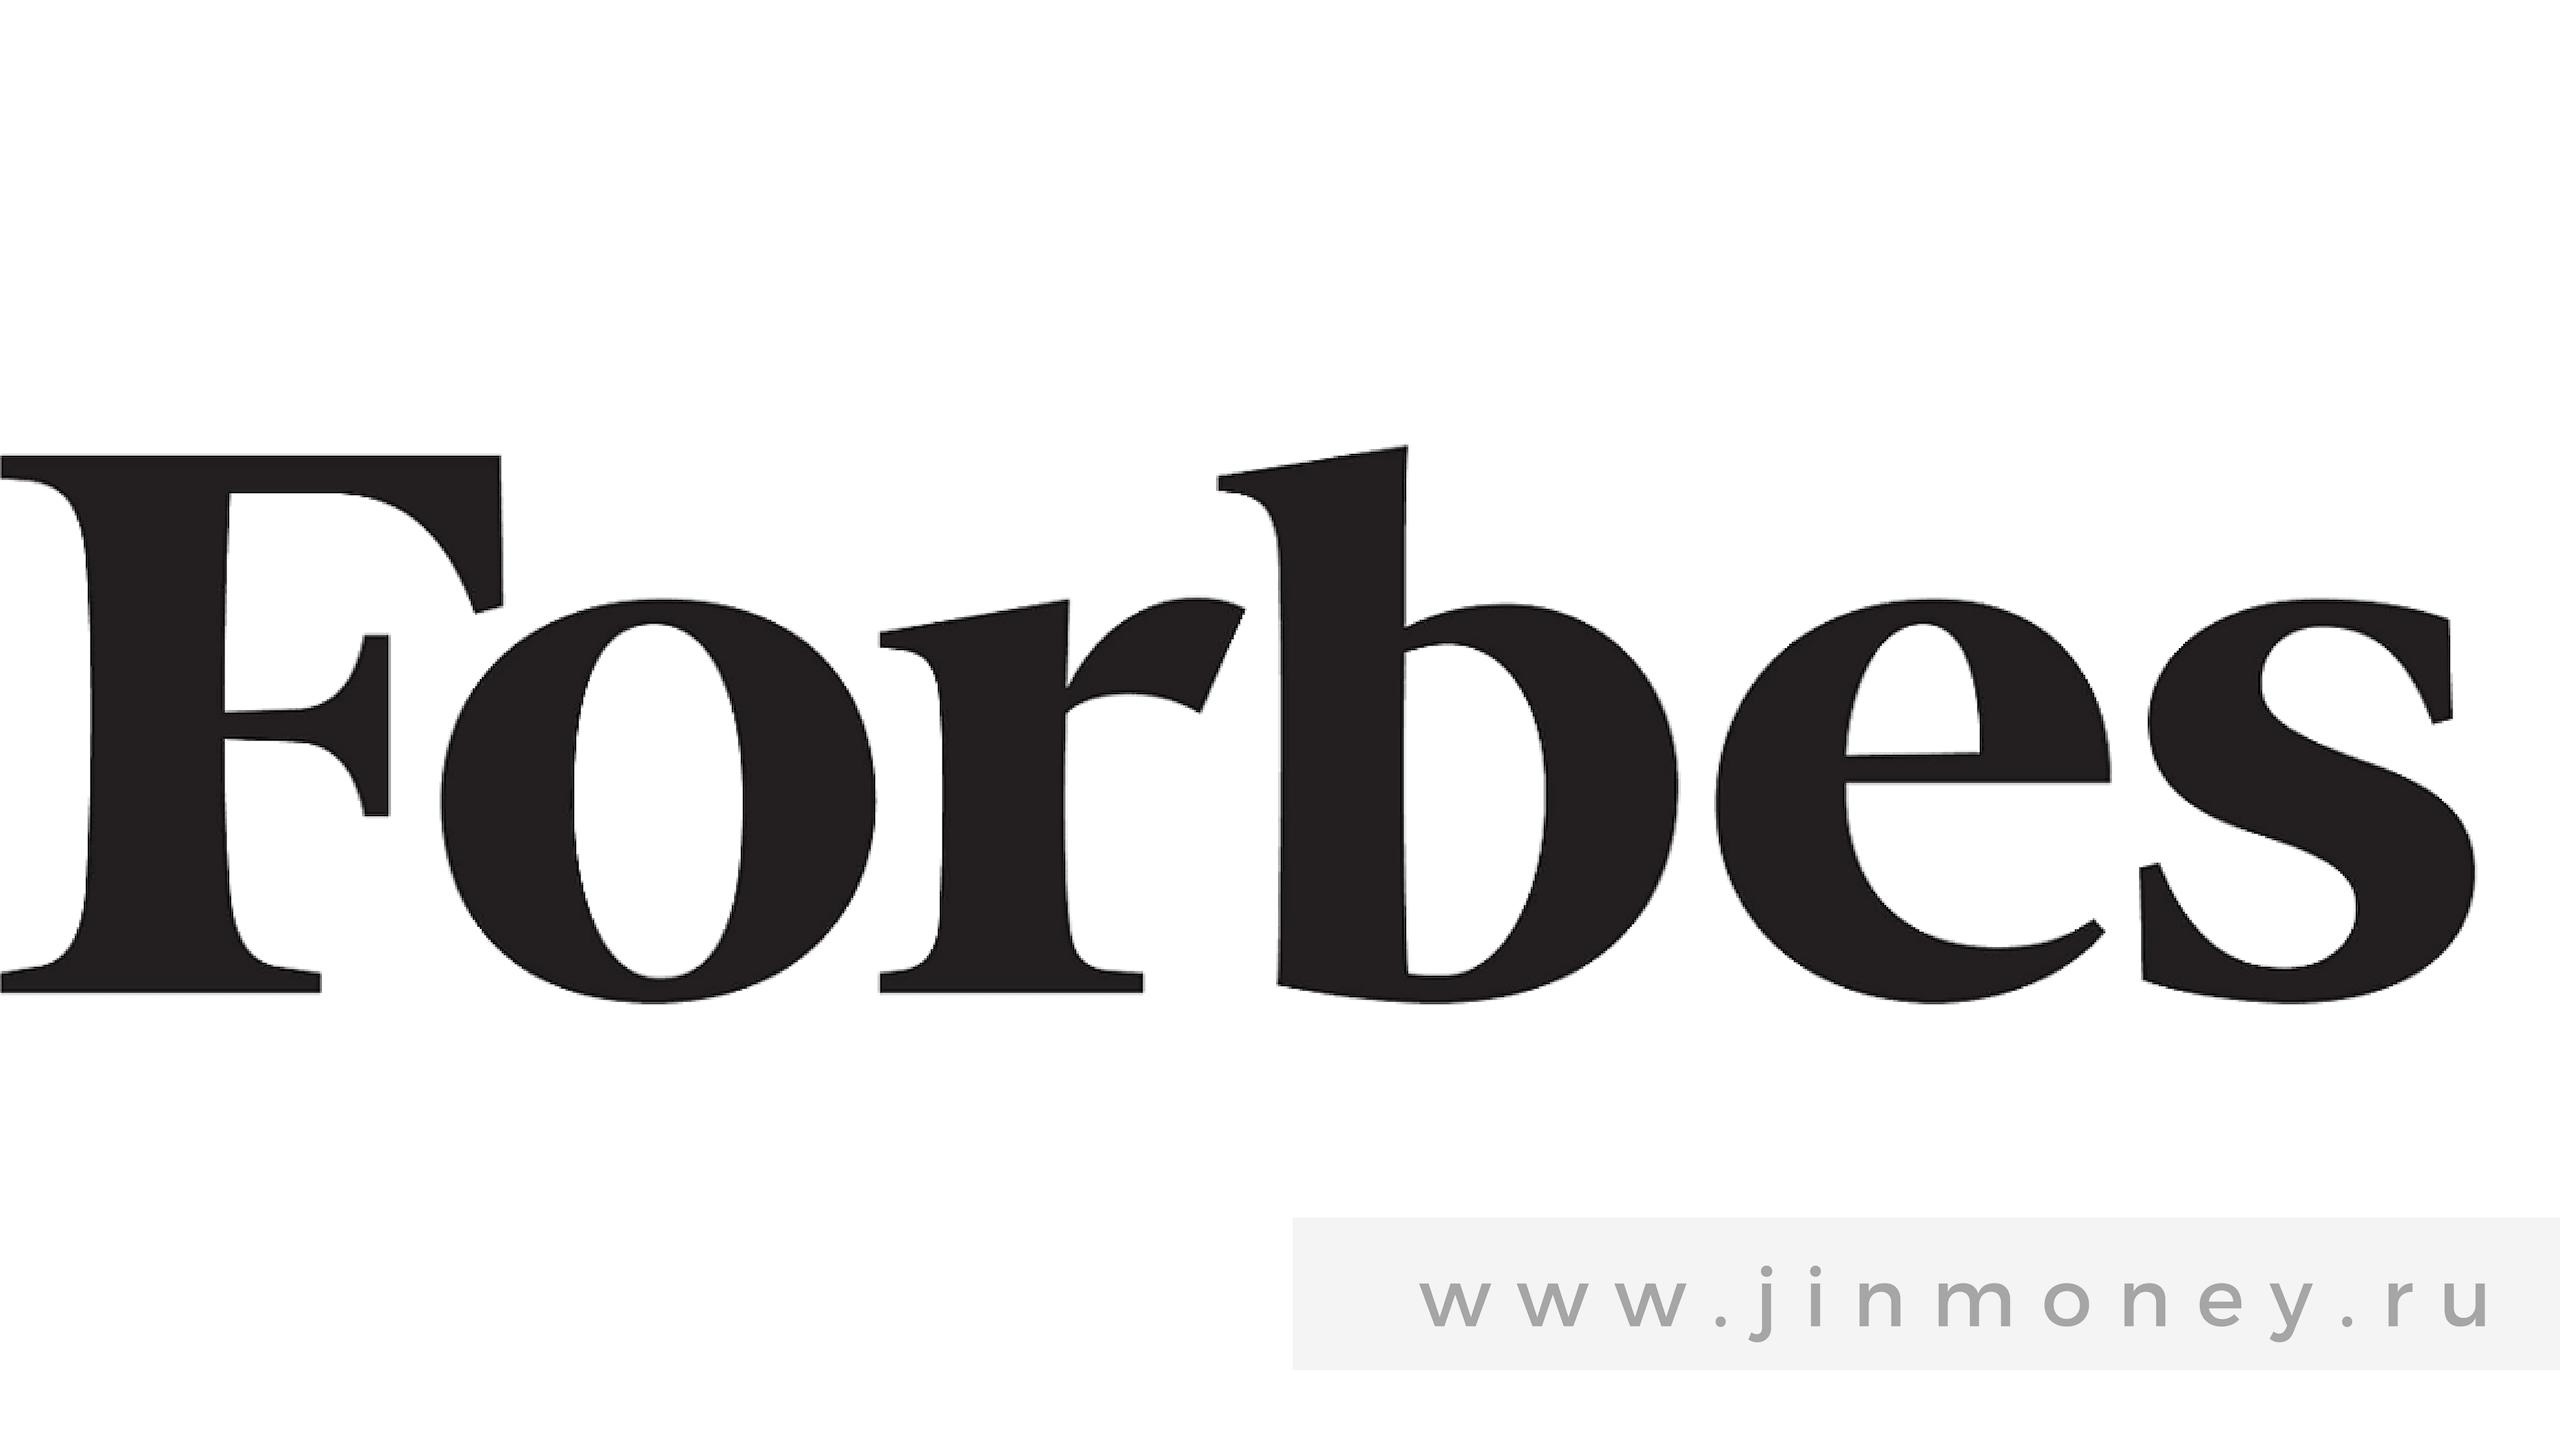 американский финансово-экономический журнал Forbes